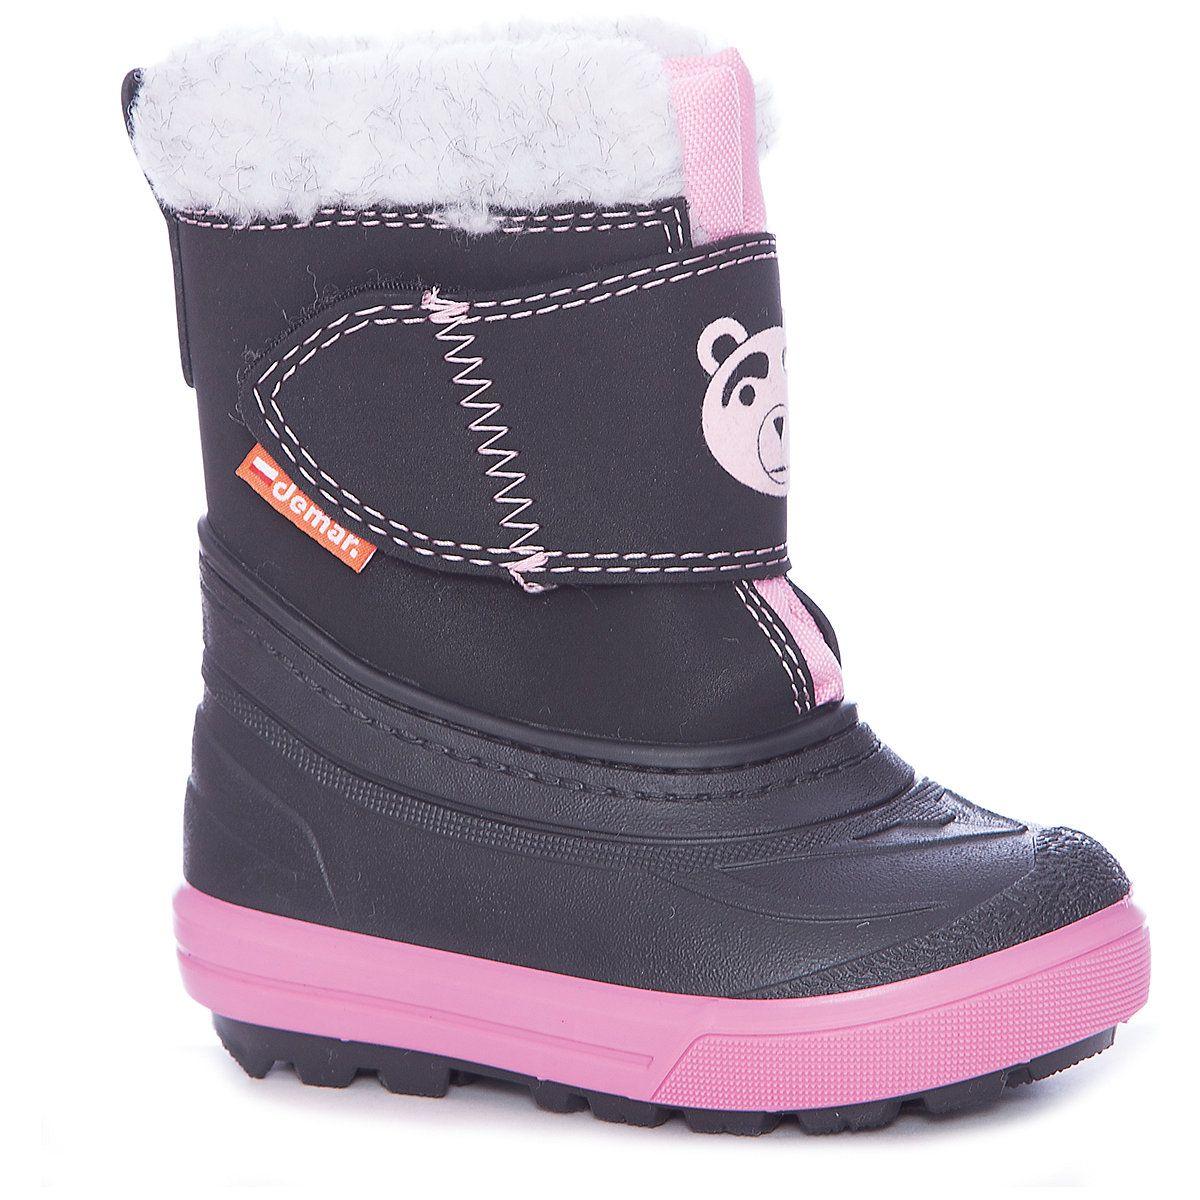 Stiefel Demar für mädchen 7134869 Valenki Uggi Winter Baby Kinder Kinder schuhe MTpromo